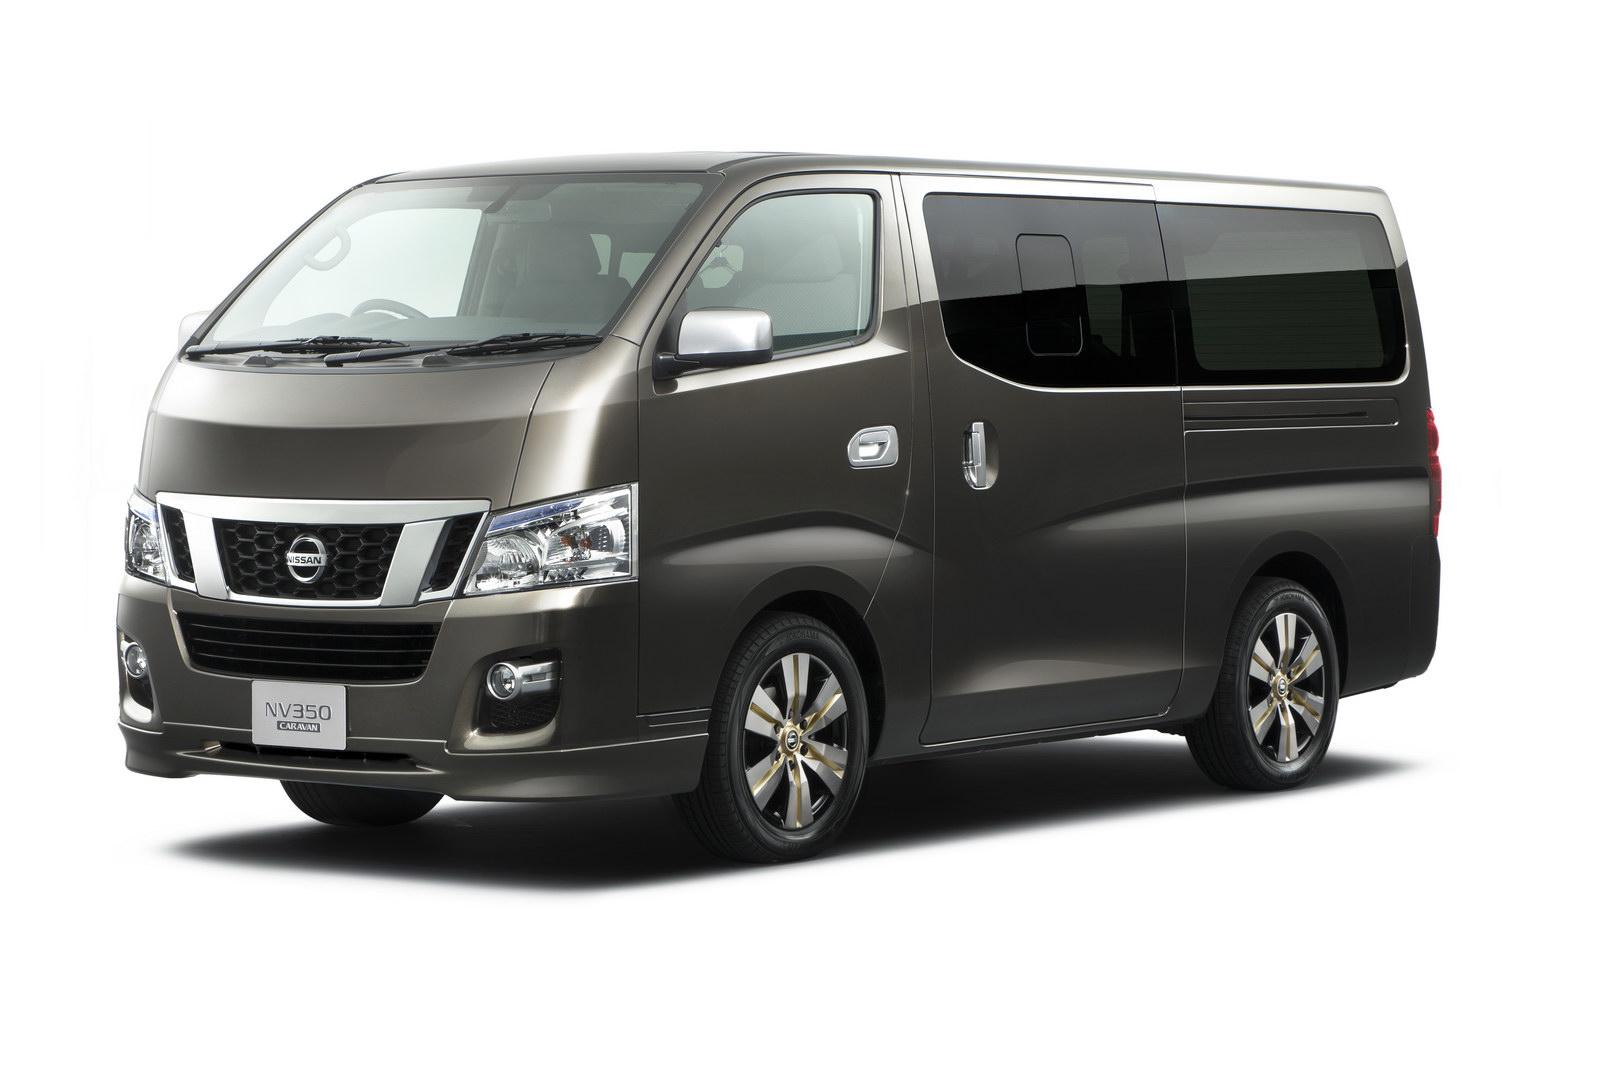 Nissan Nv350 Caravan Auto Review Audi 3 2 Vvt Engine Diagram